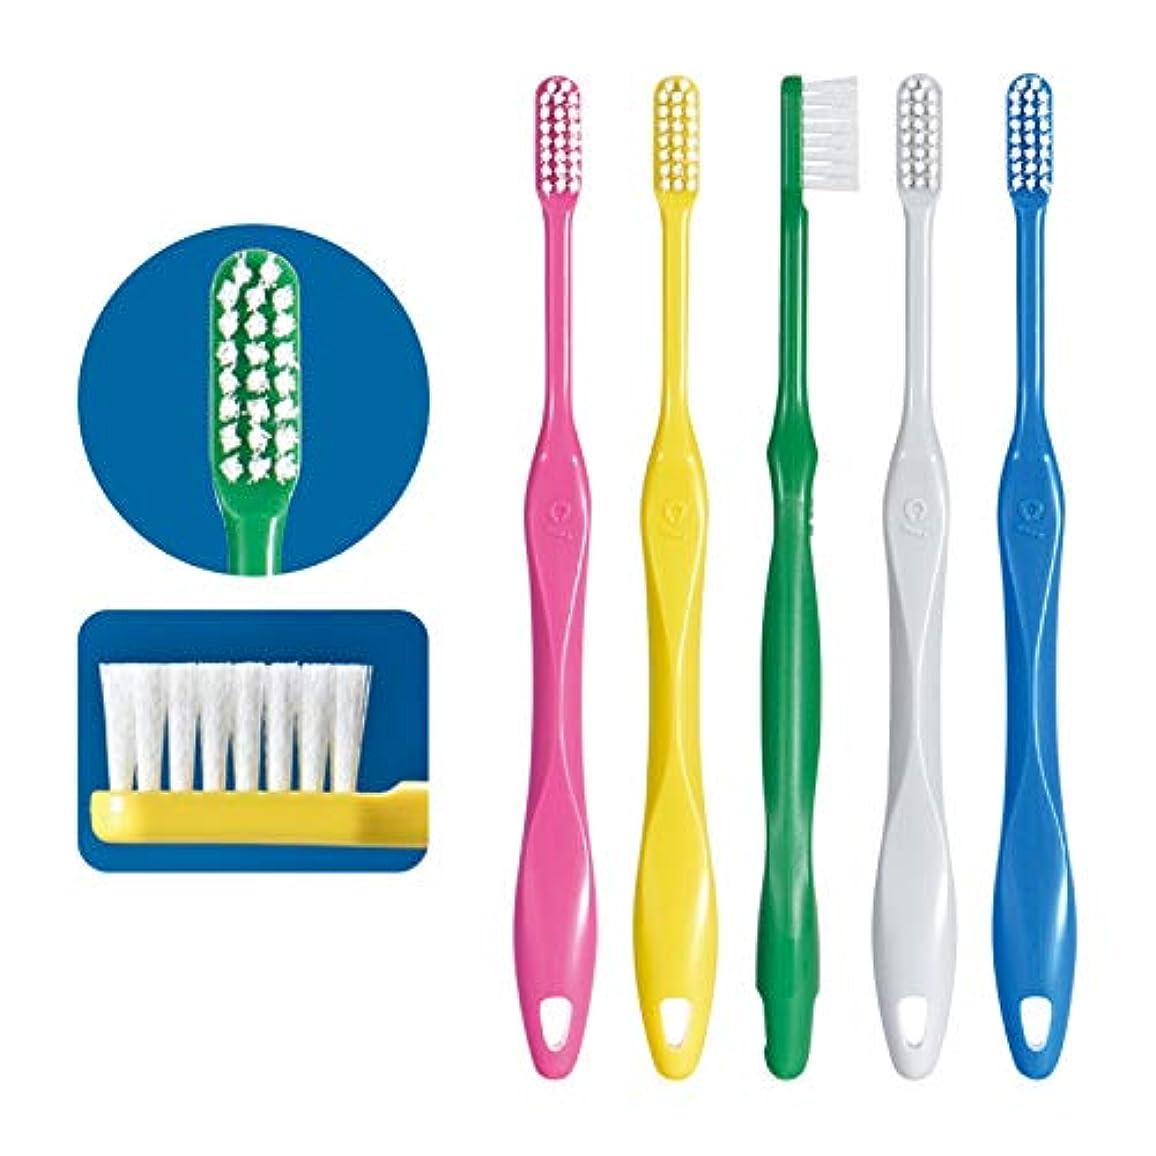 クッションソケットアンテナCi スマート 歯ブラシ 20本 S(やわらかめ) 日本製 大人用歯ブラシ 歯科専売品